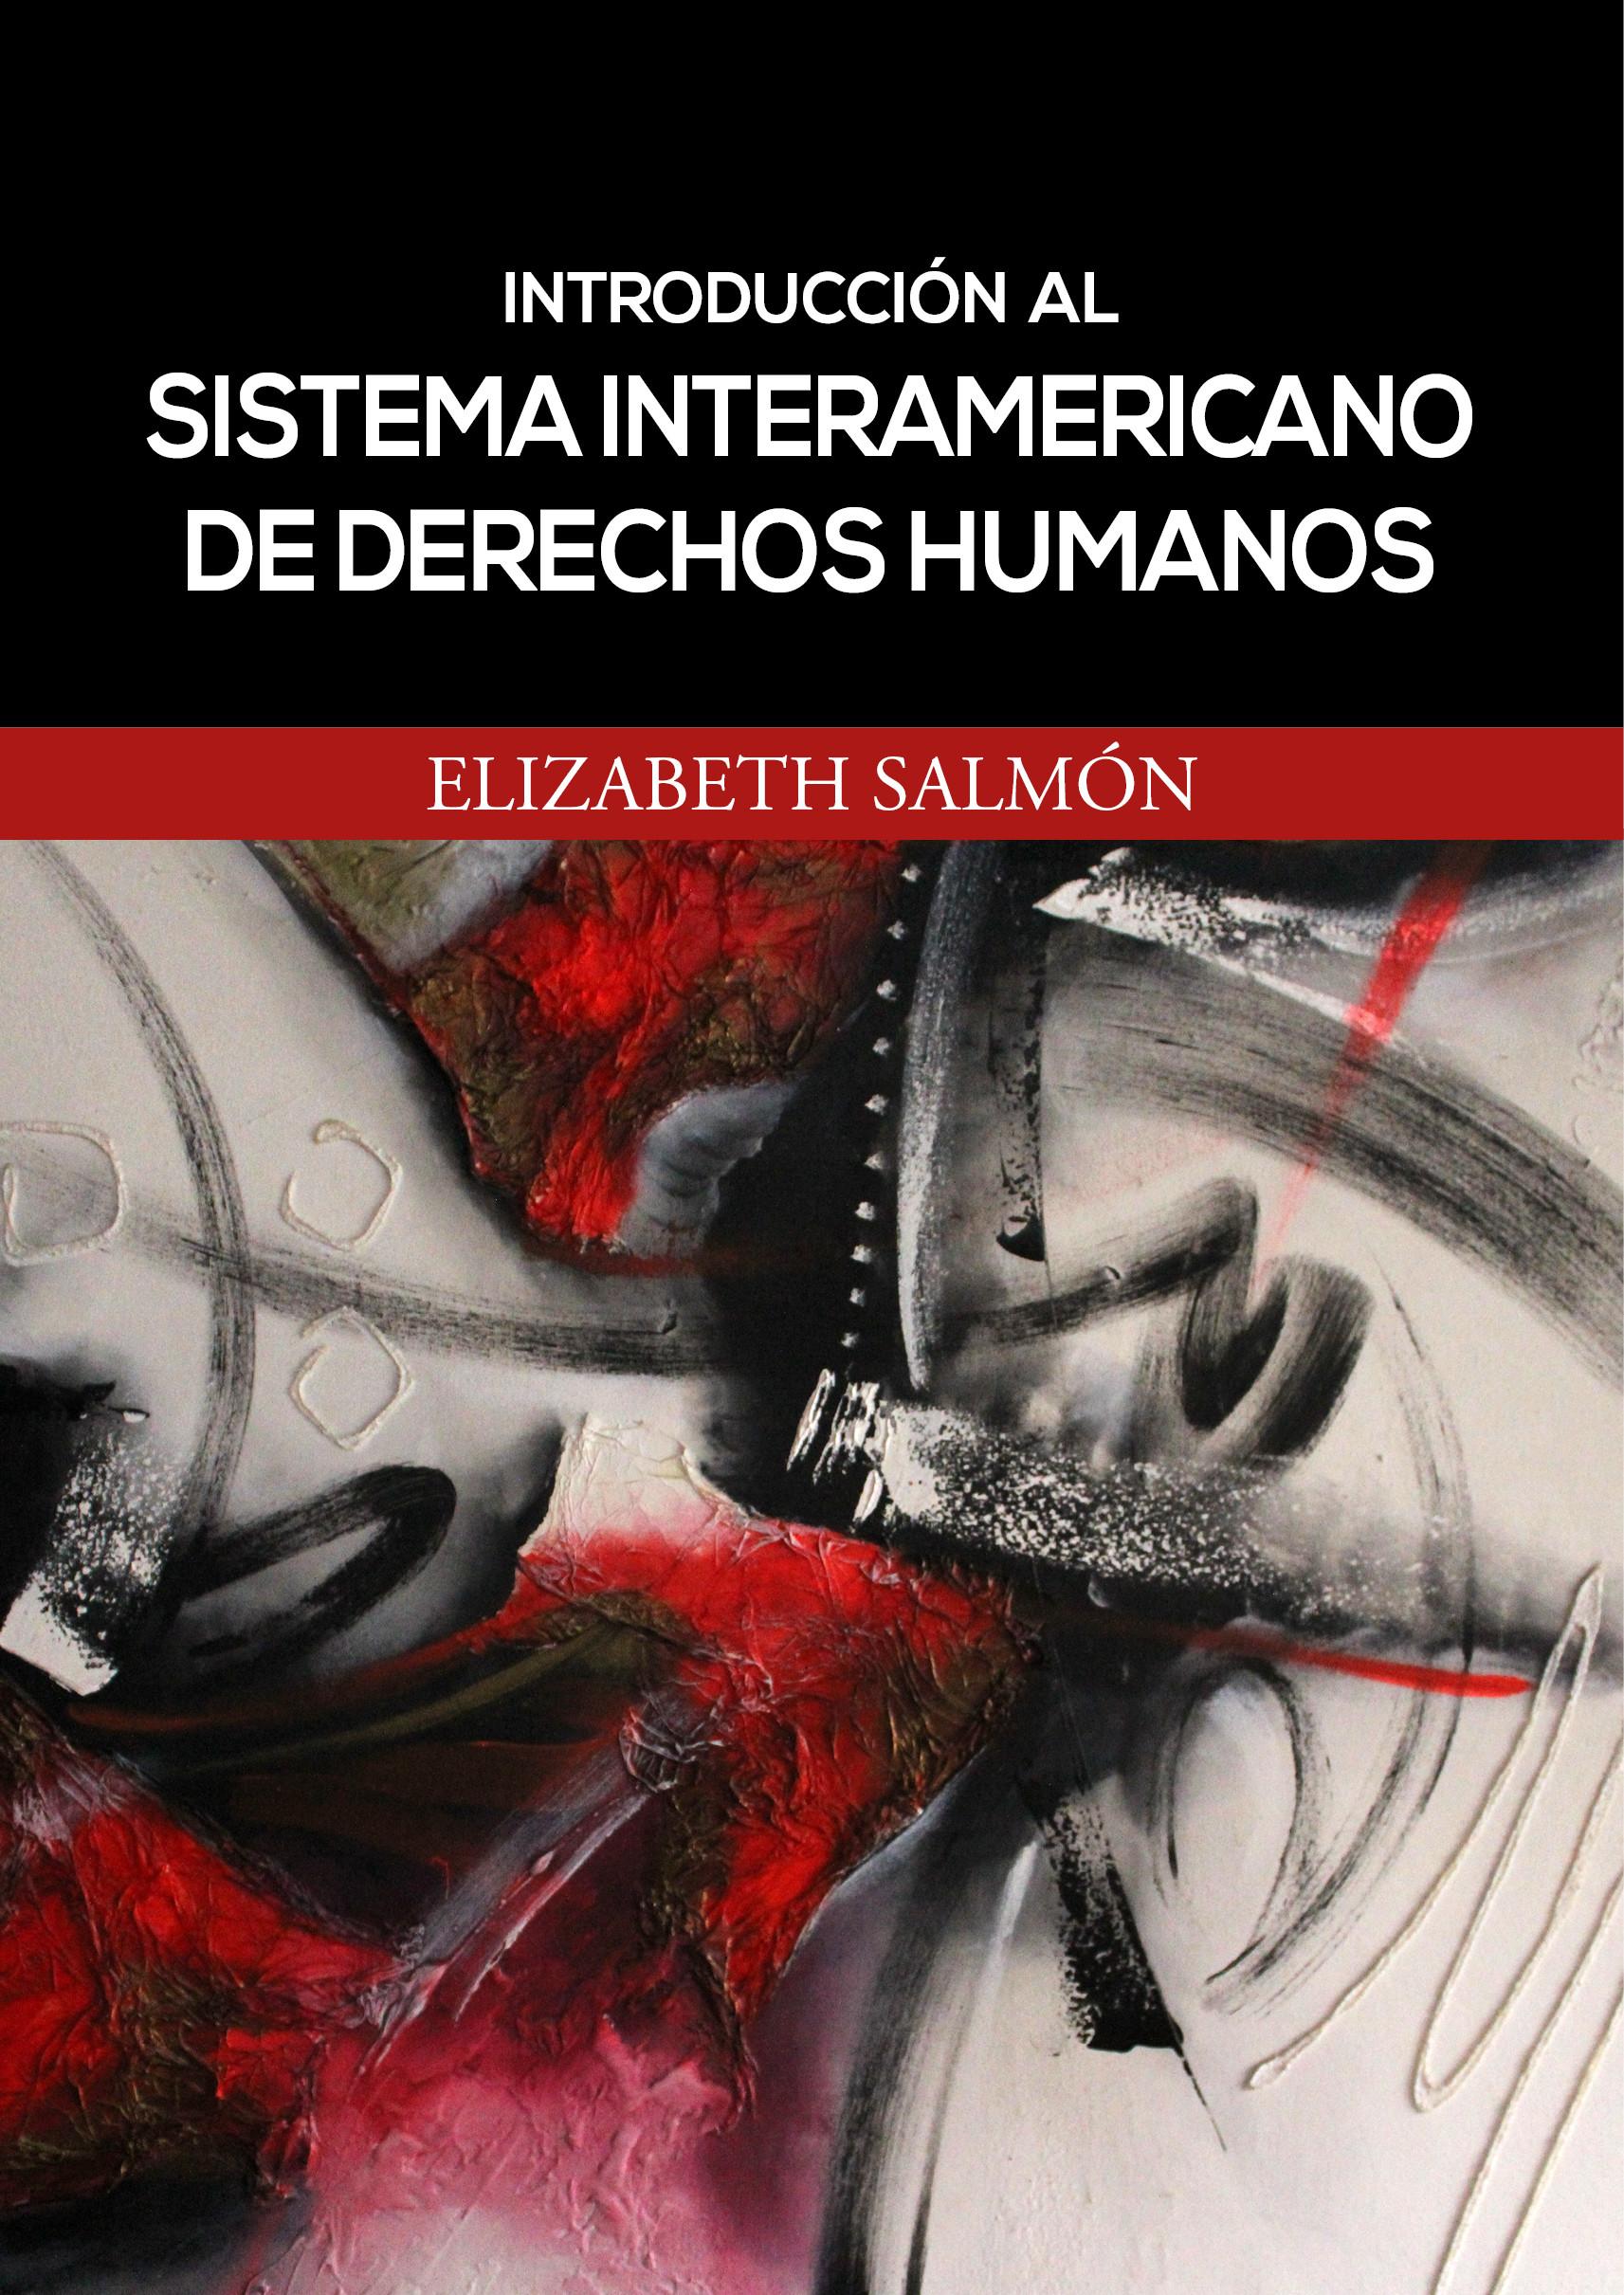 Introducción al sistema interamericano de derechos humanos